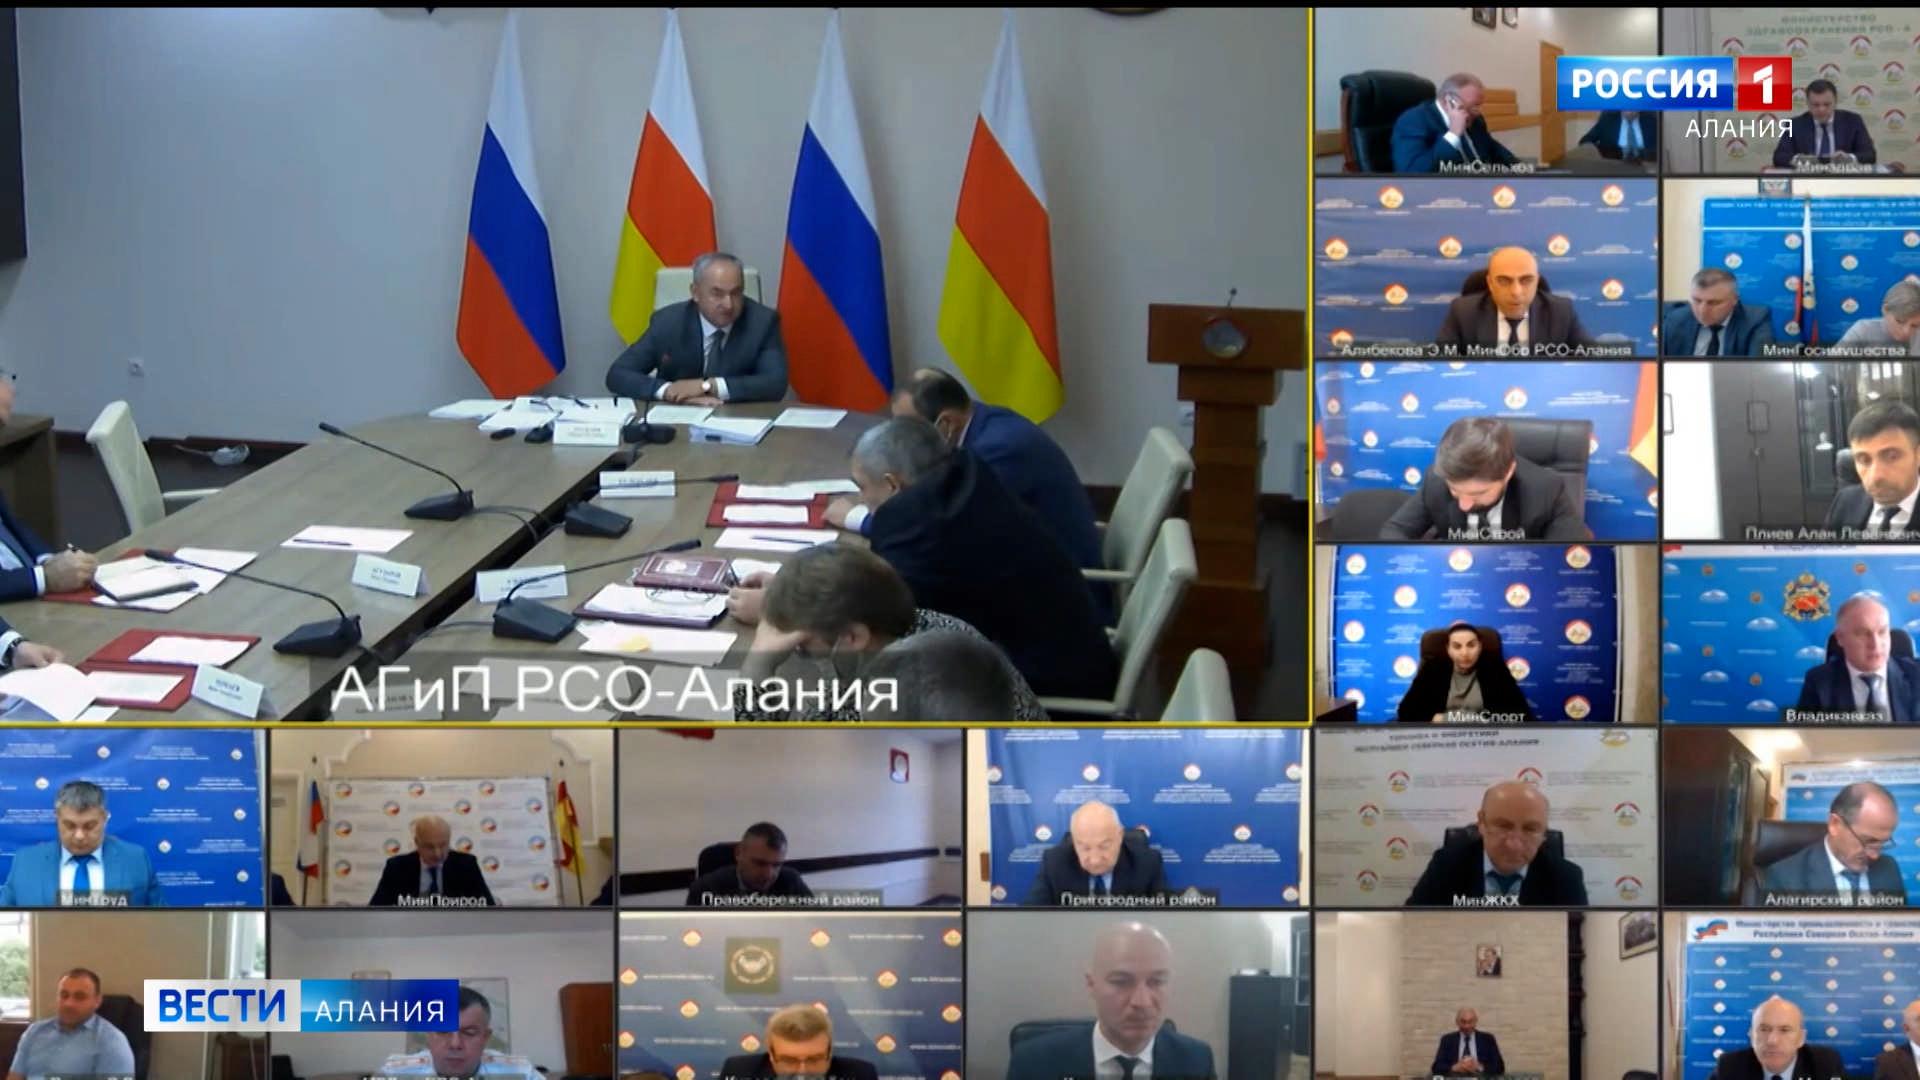 В Северной Осетии 99 объектов водоснабжения и водоотведения могут быть модернизированы — Майран Тамаев